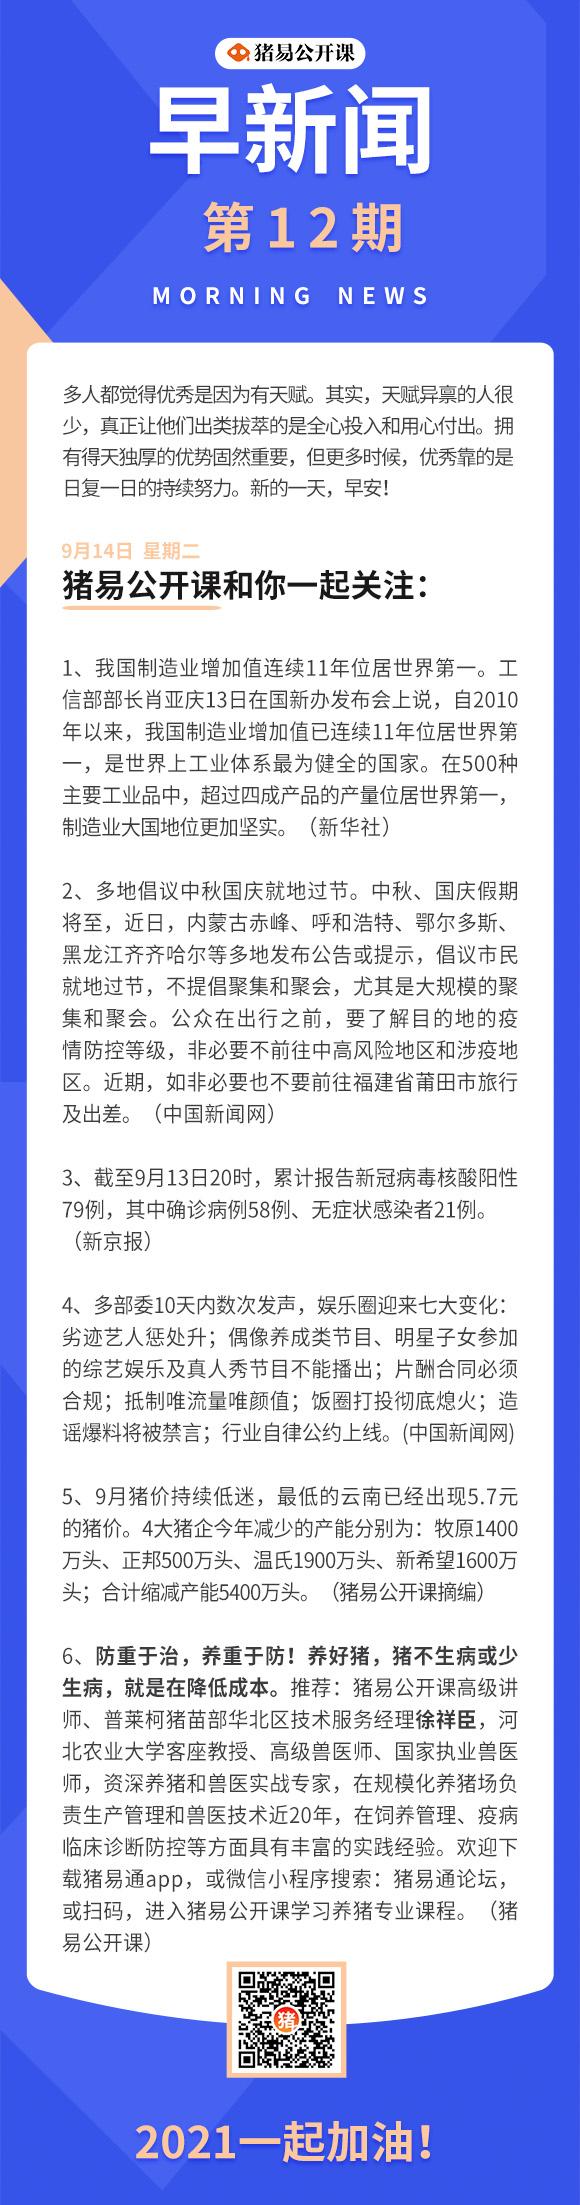 猪易公开课早新闻第12期,9月14日,星期二,工作愉...